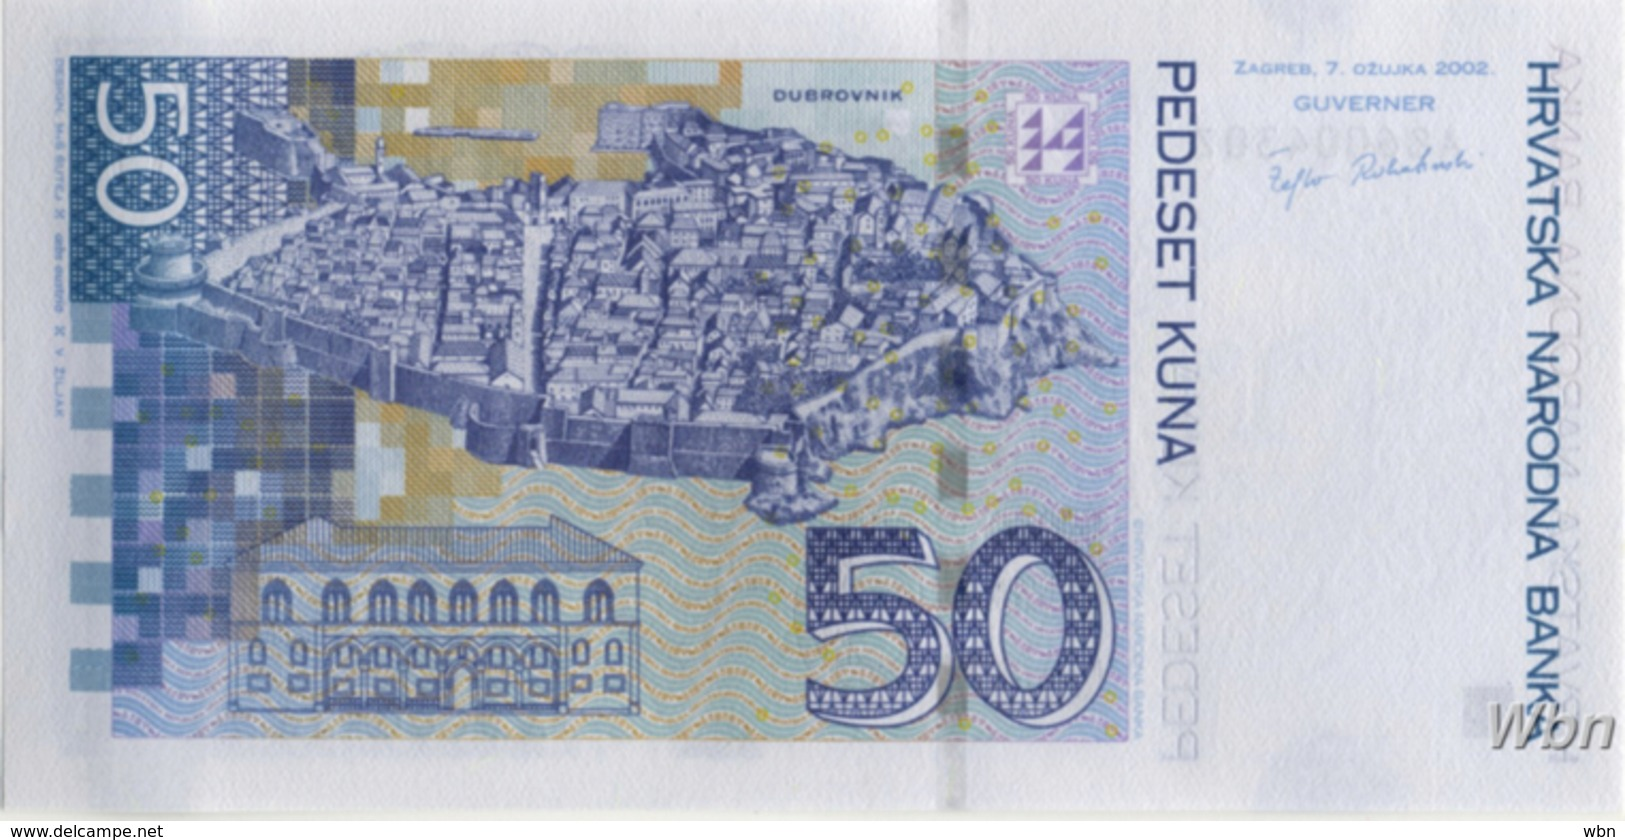 Croatie 50 Kuna (P40) 2002 -UNC- - Croatia